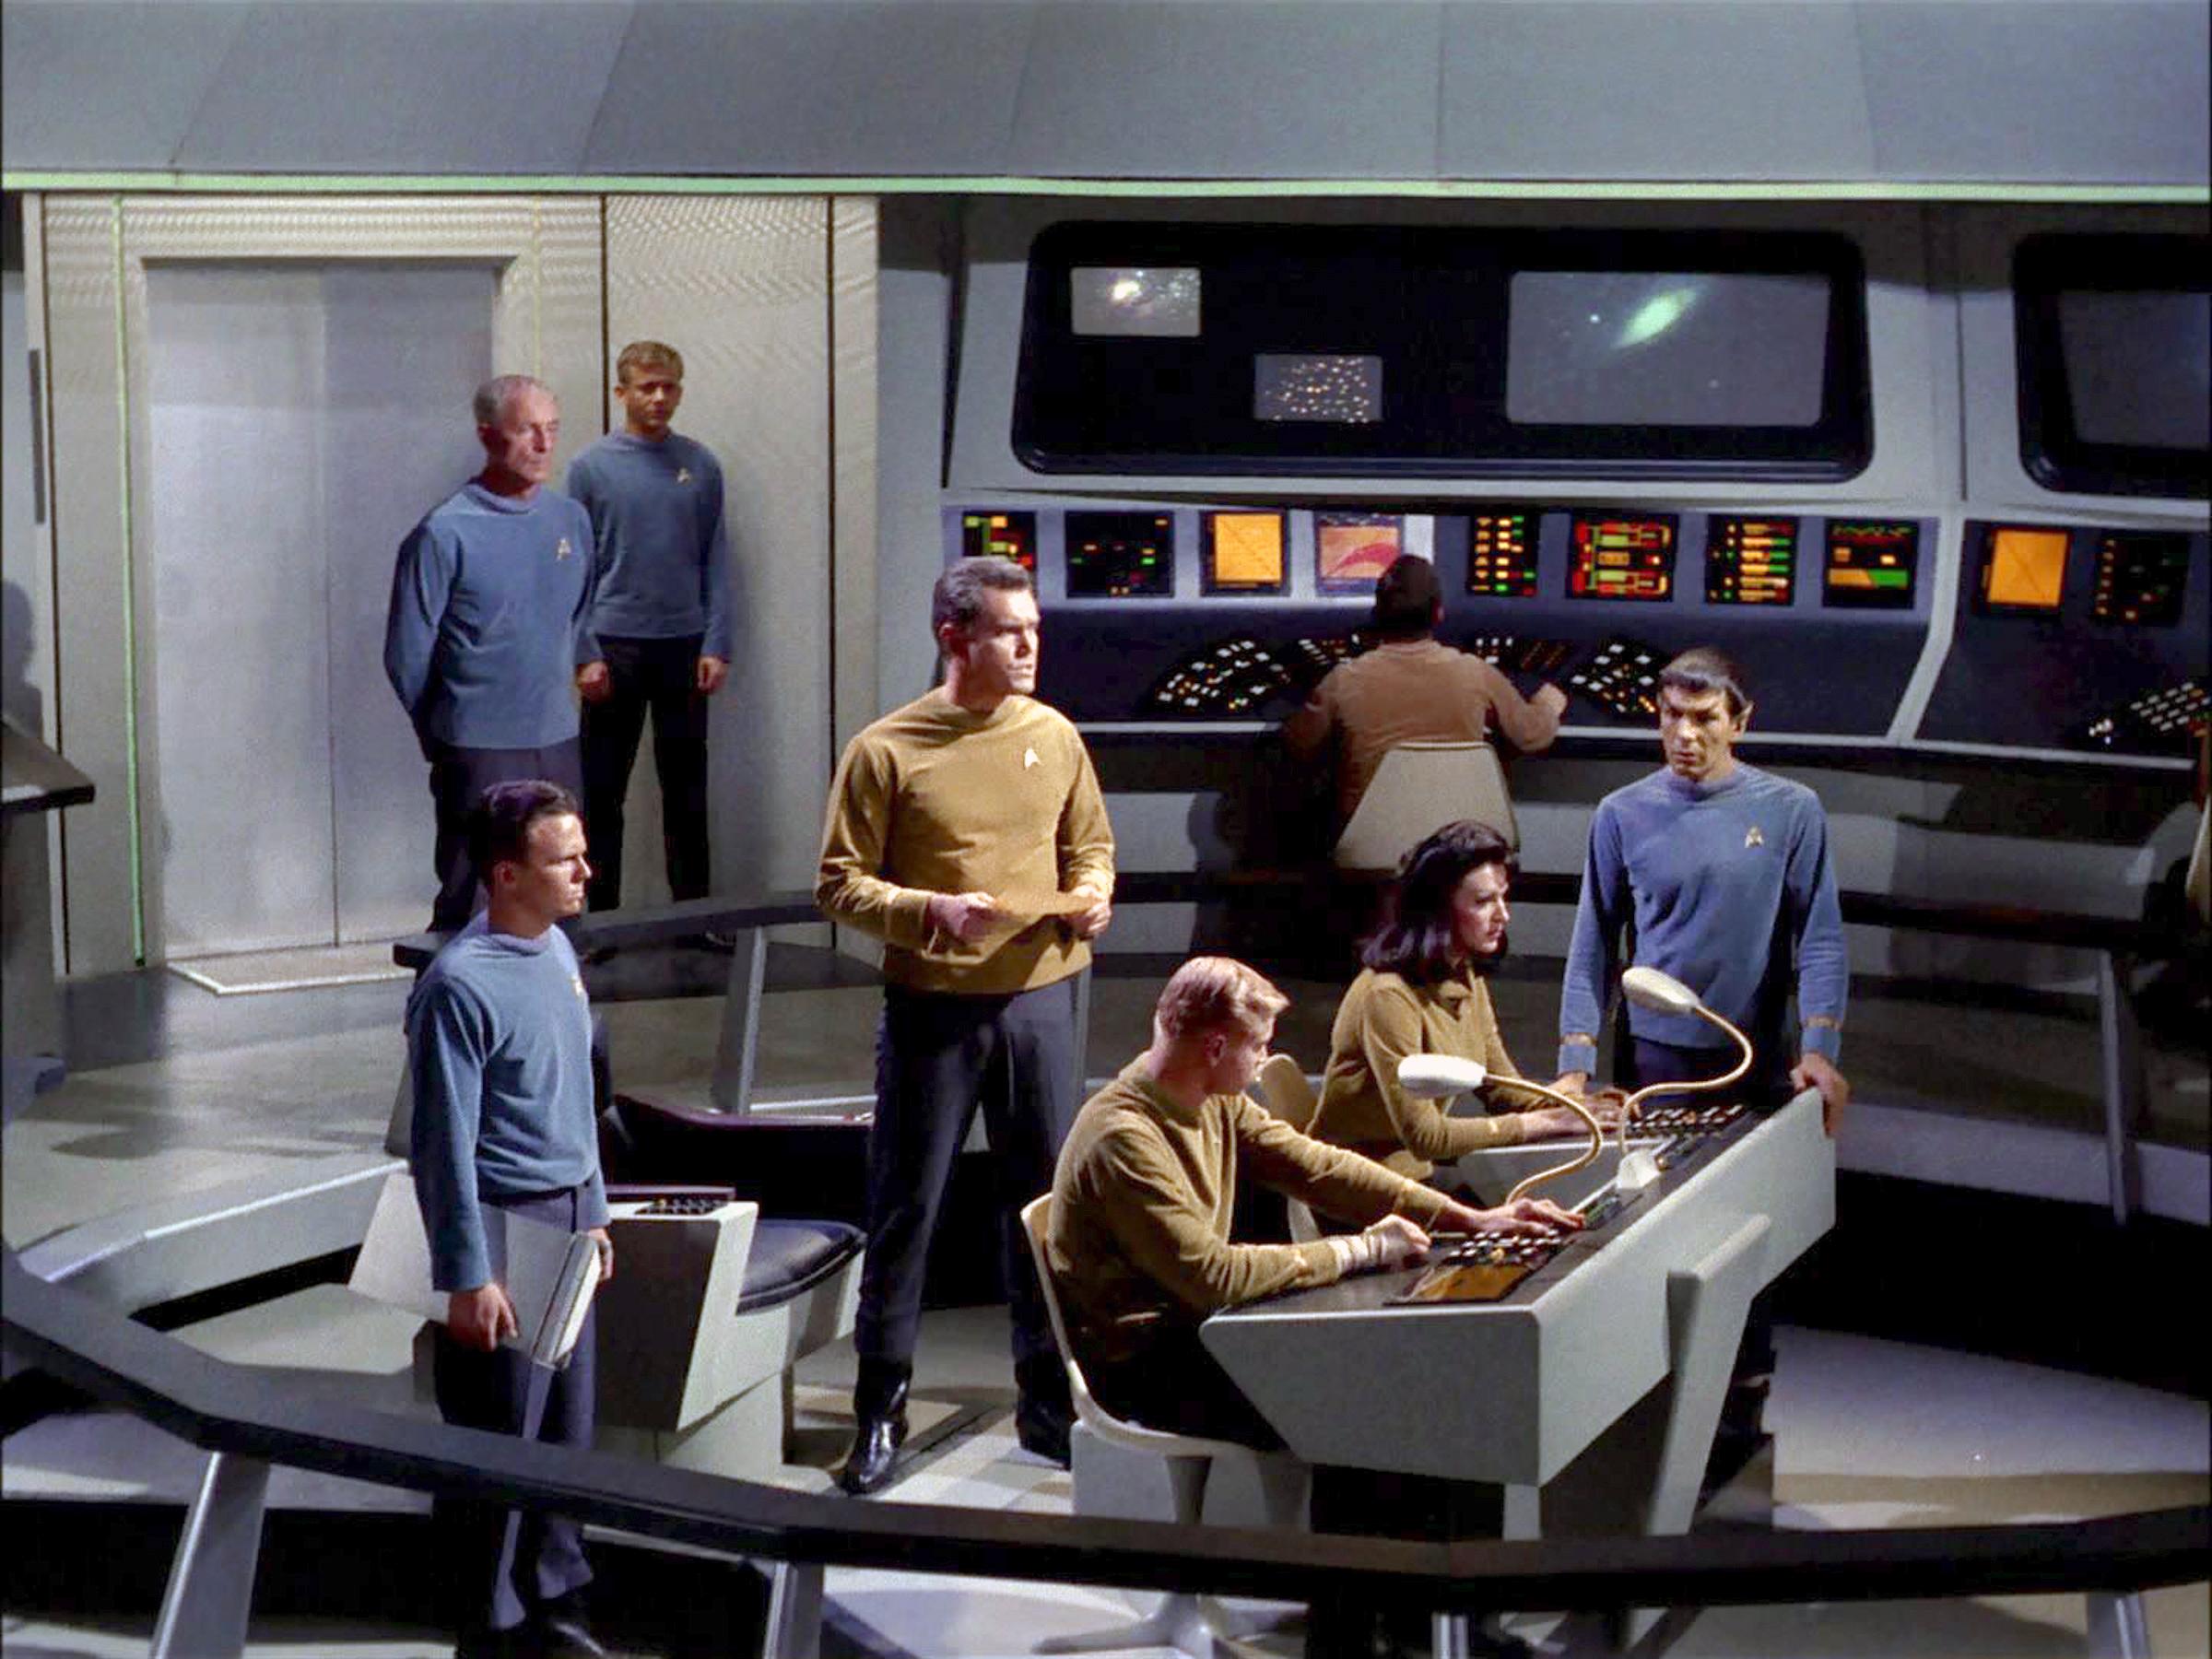 The crew on the bridge of the USS Enterprise.